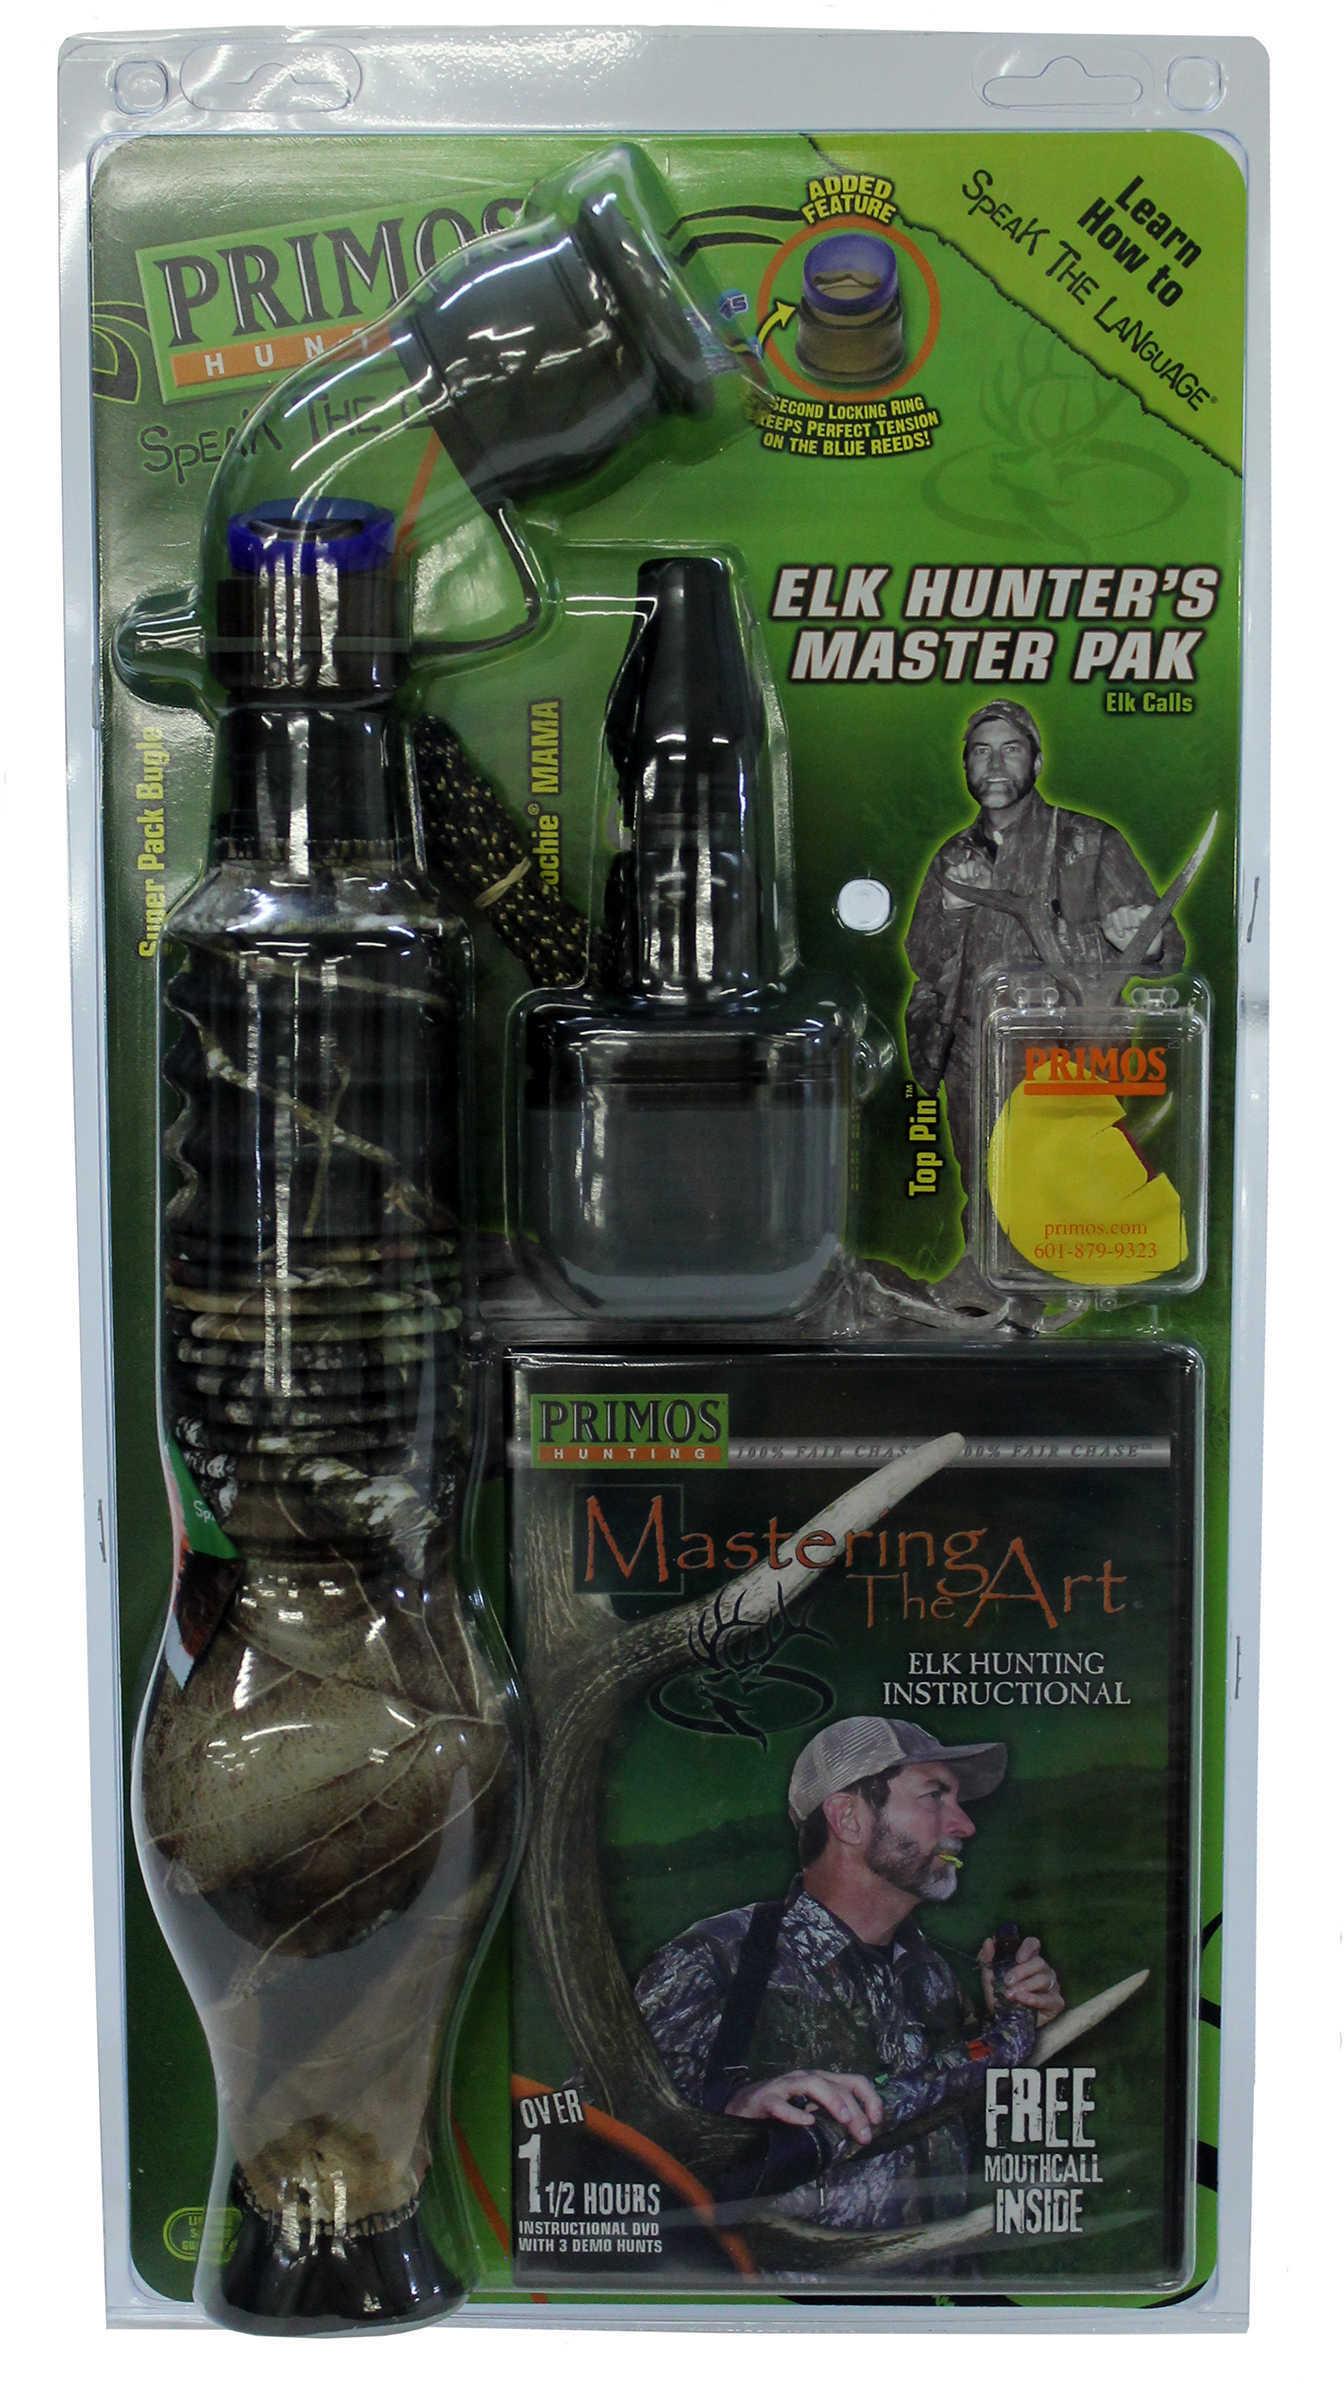 Primos Elk Call Elk Hunter's Master Pack Md: 943